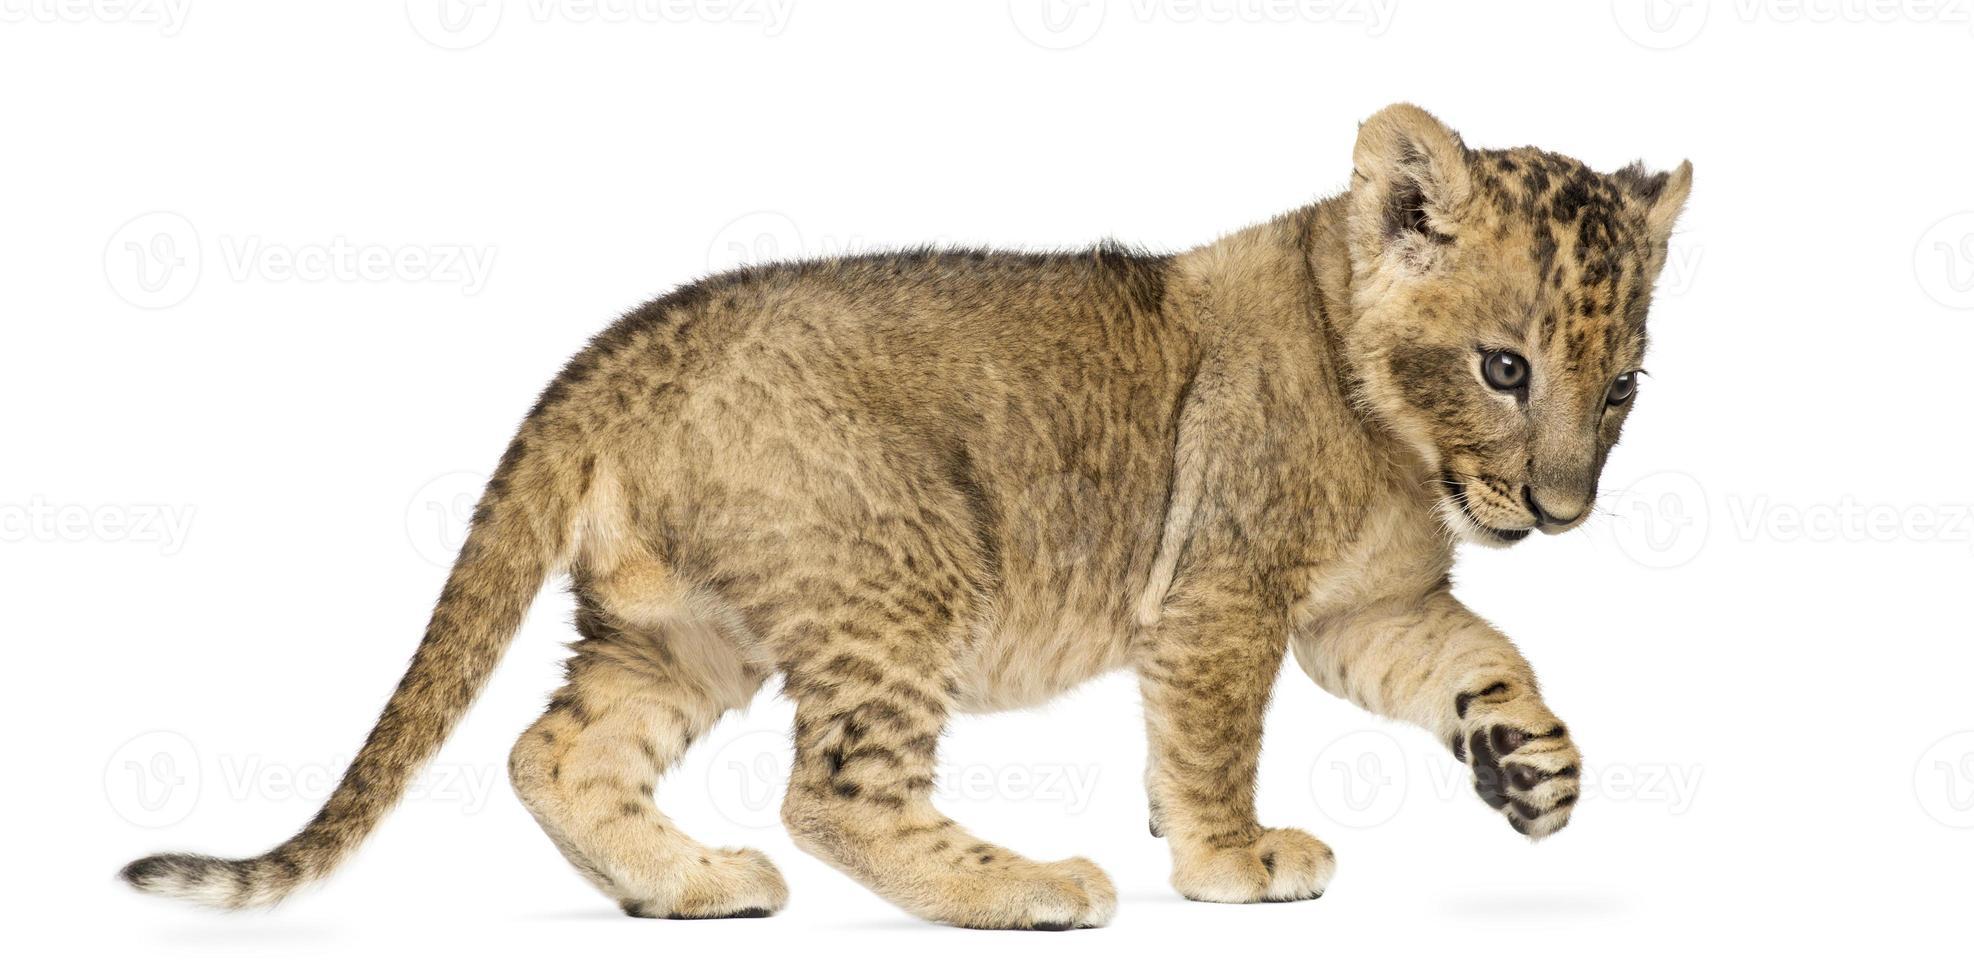 filhote de leão em pé, arrancando, 7 semanas de idade, isolado foto